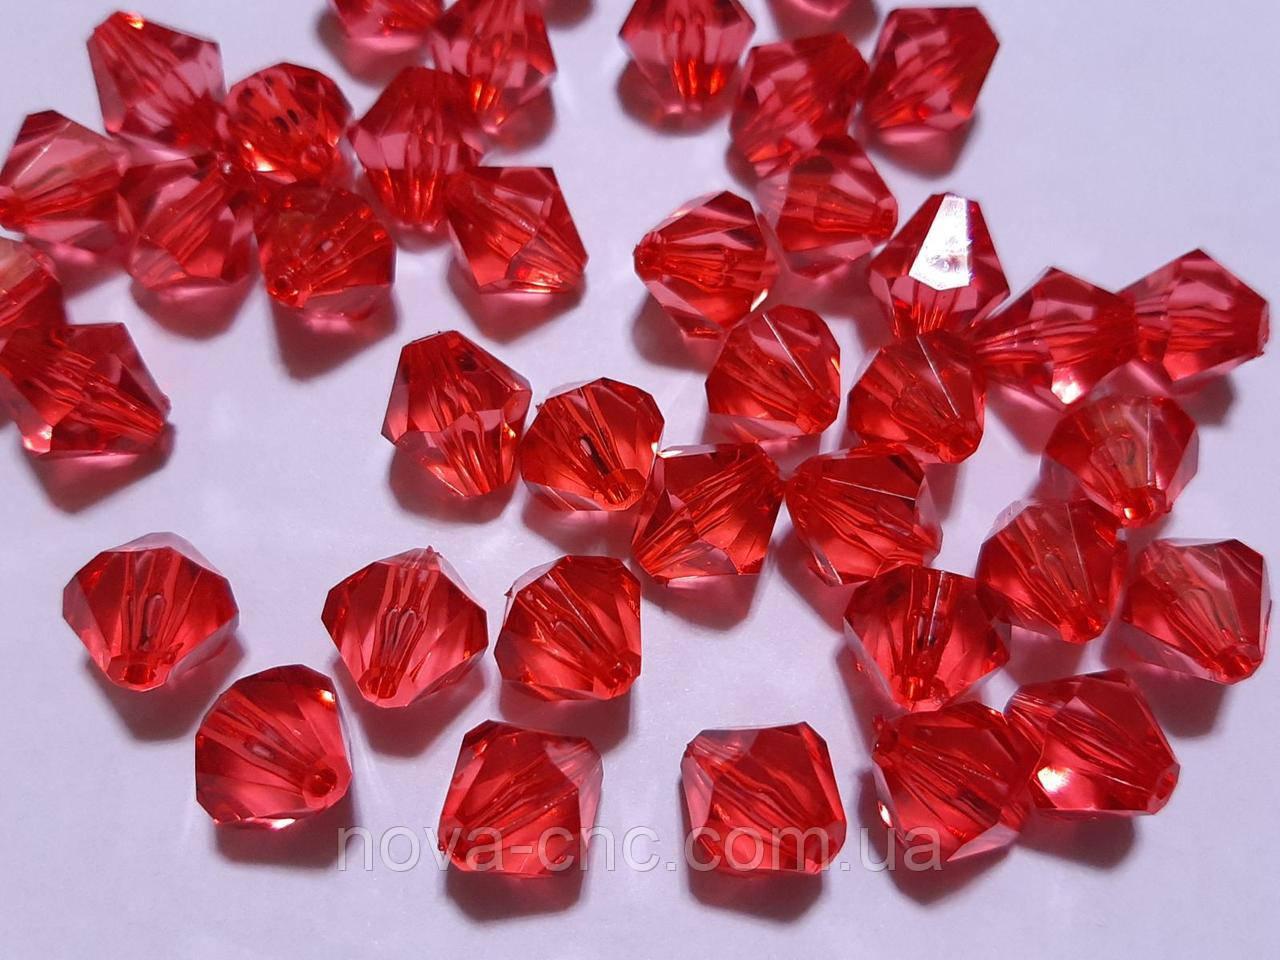 """Намистини акрил """"Біконус"""" червоний 7 мм 500 грам"""